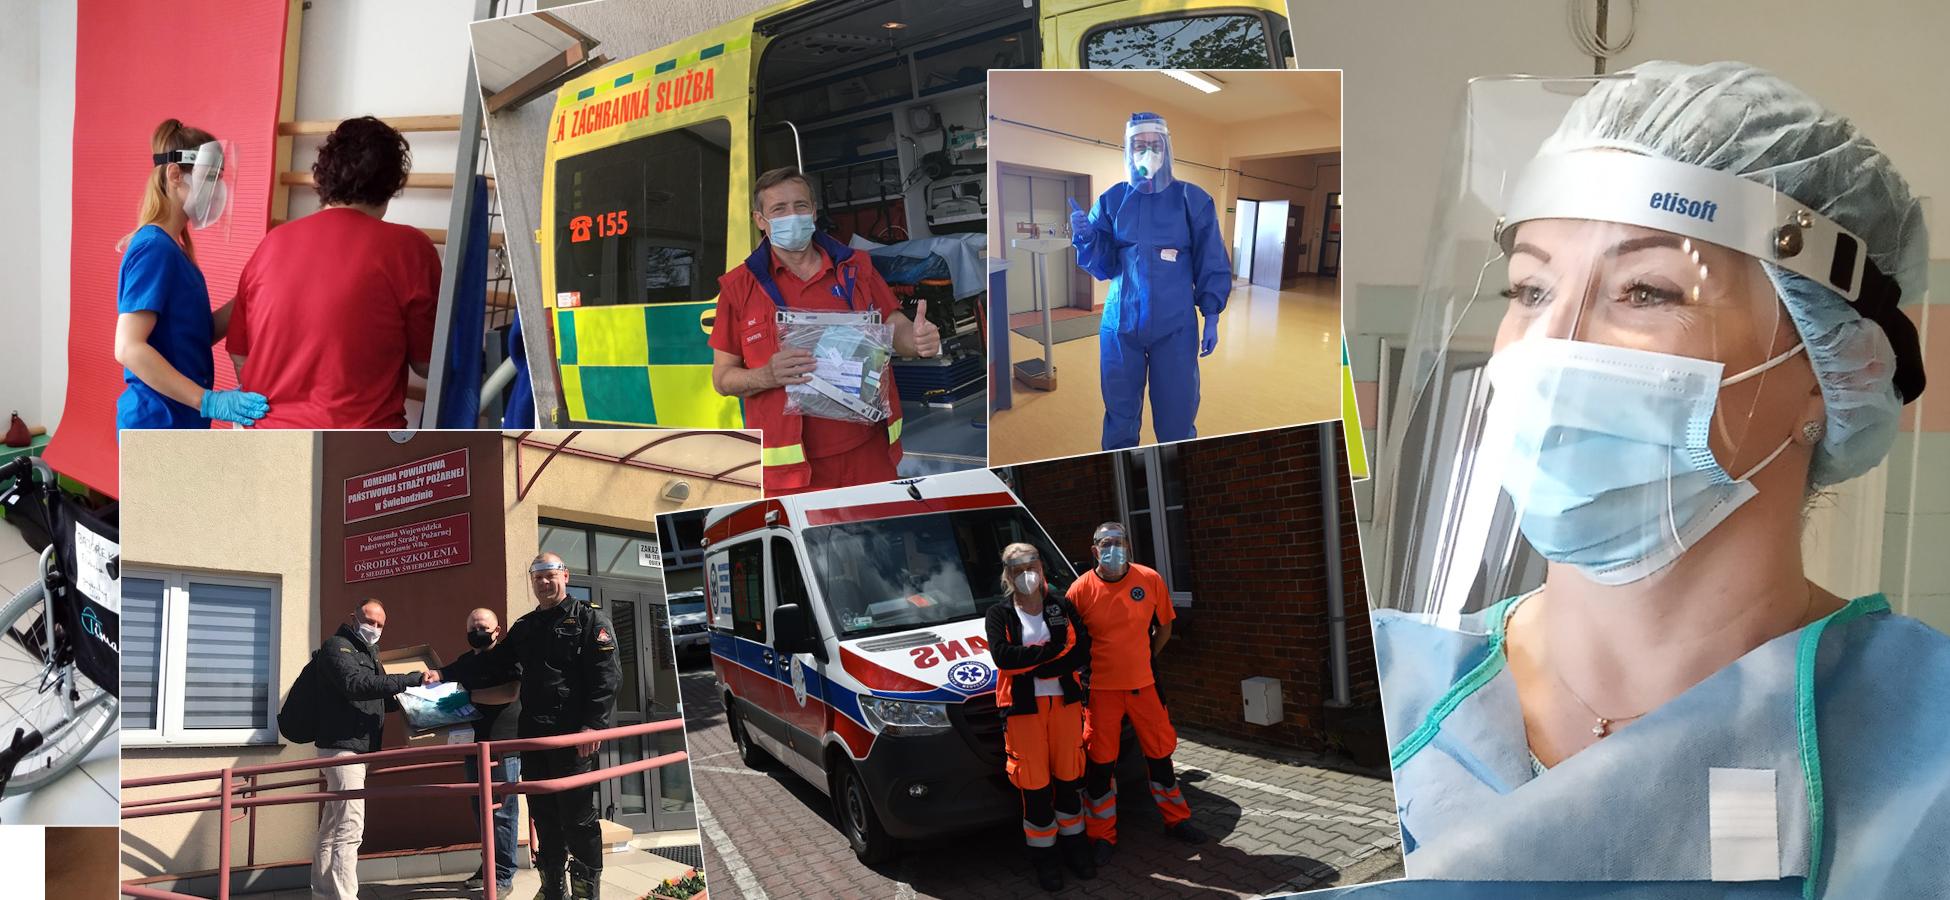 Placówkom służby zdrowia i nie tylko rozdaliśmy około tysiąca przyłbic ochronnych